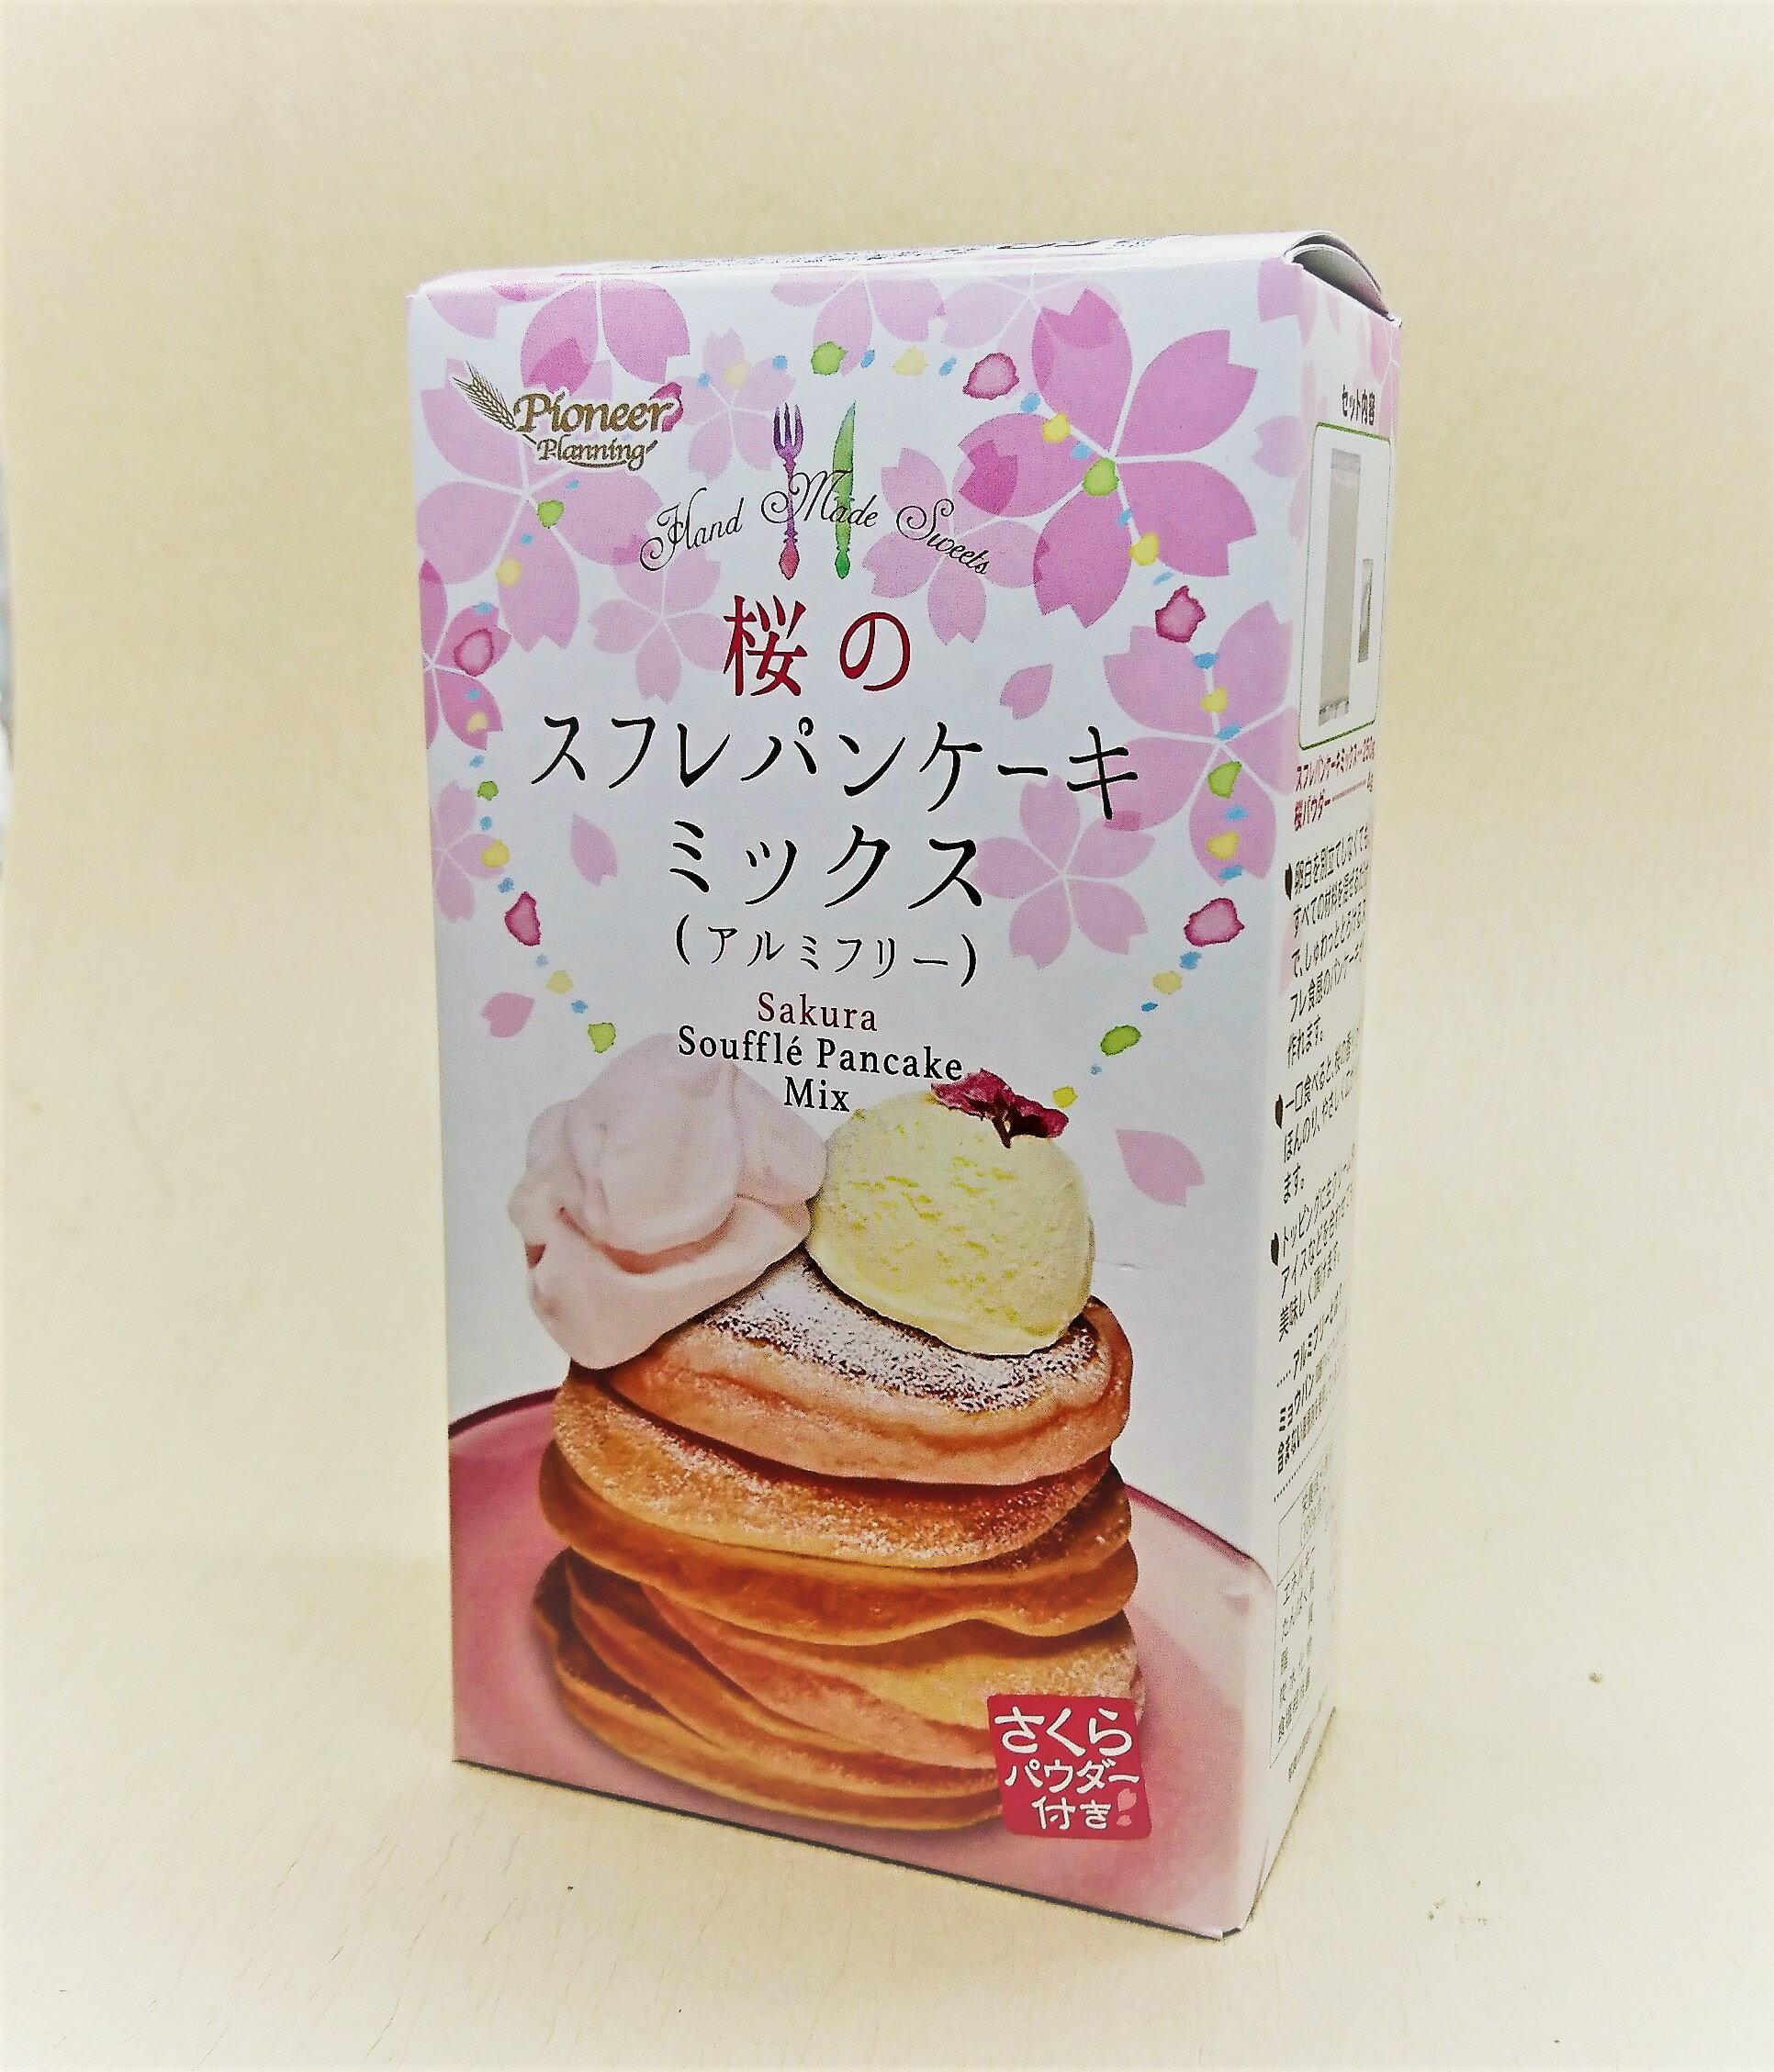 【橘町五丁目】日本PIONEER櫻花舒芙蕾鬆餅粉(含櫻花粉)254g 含4櫻花粉